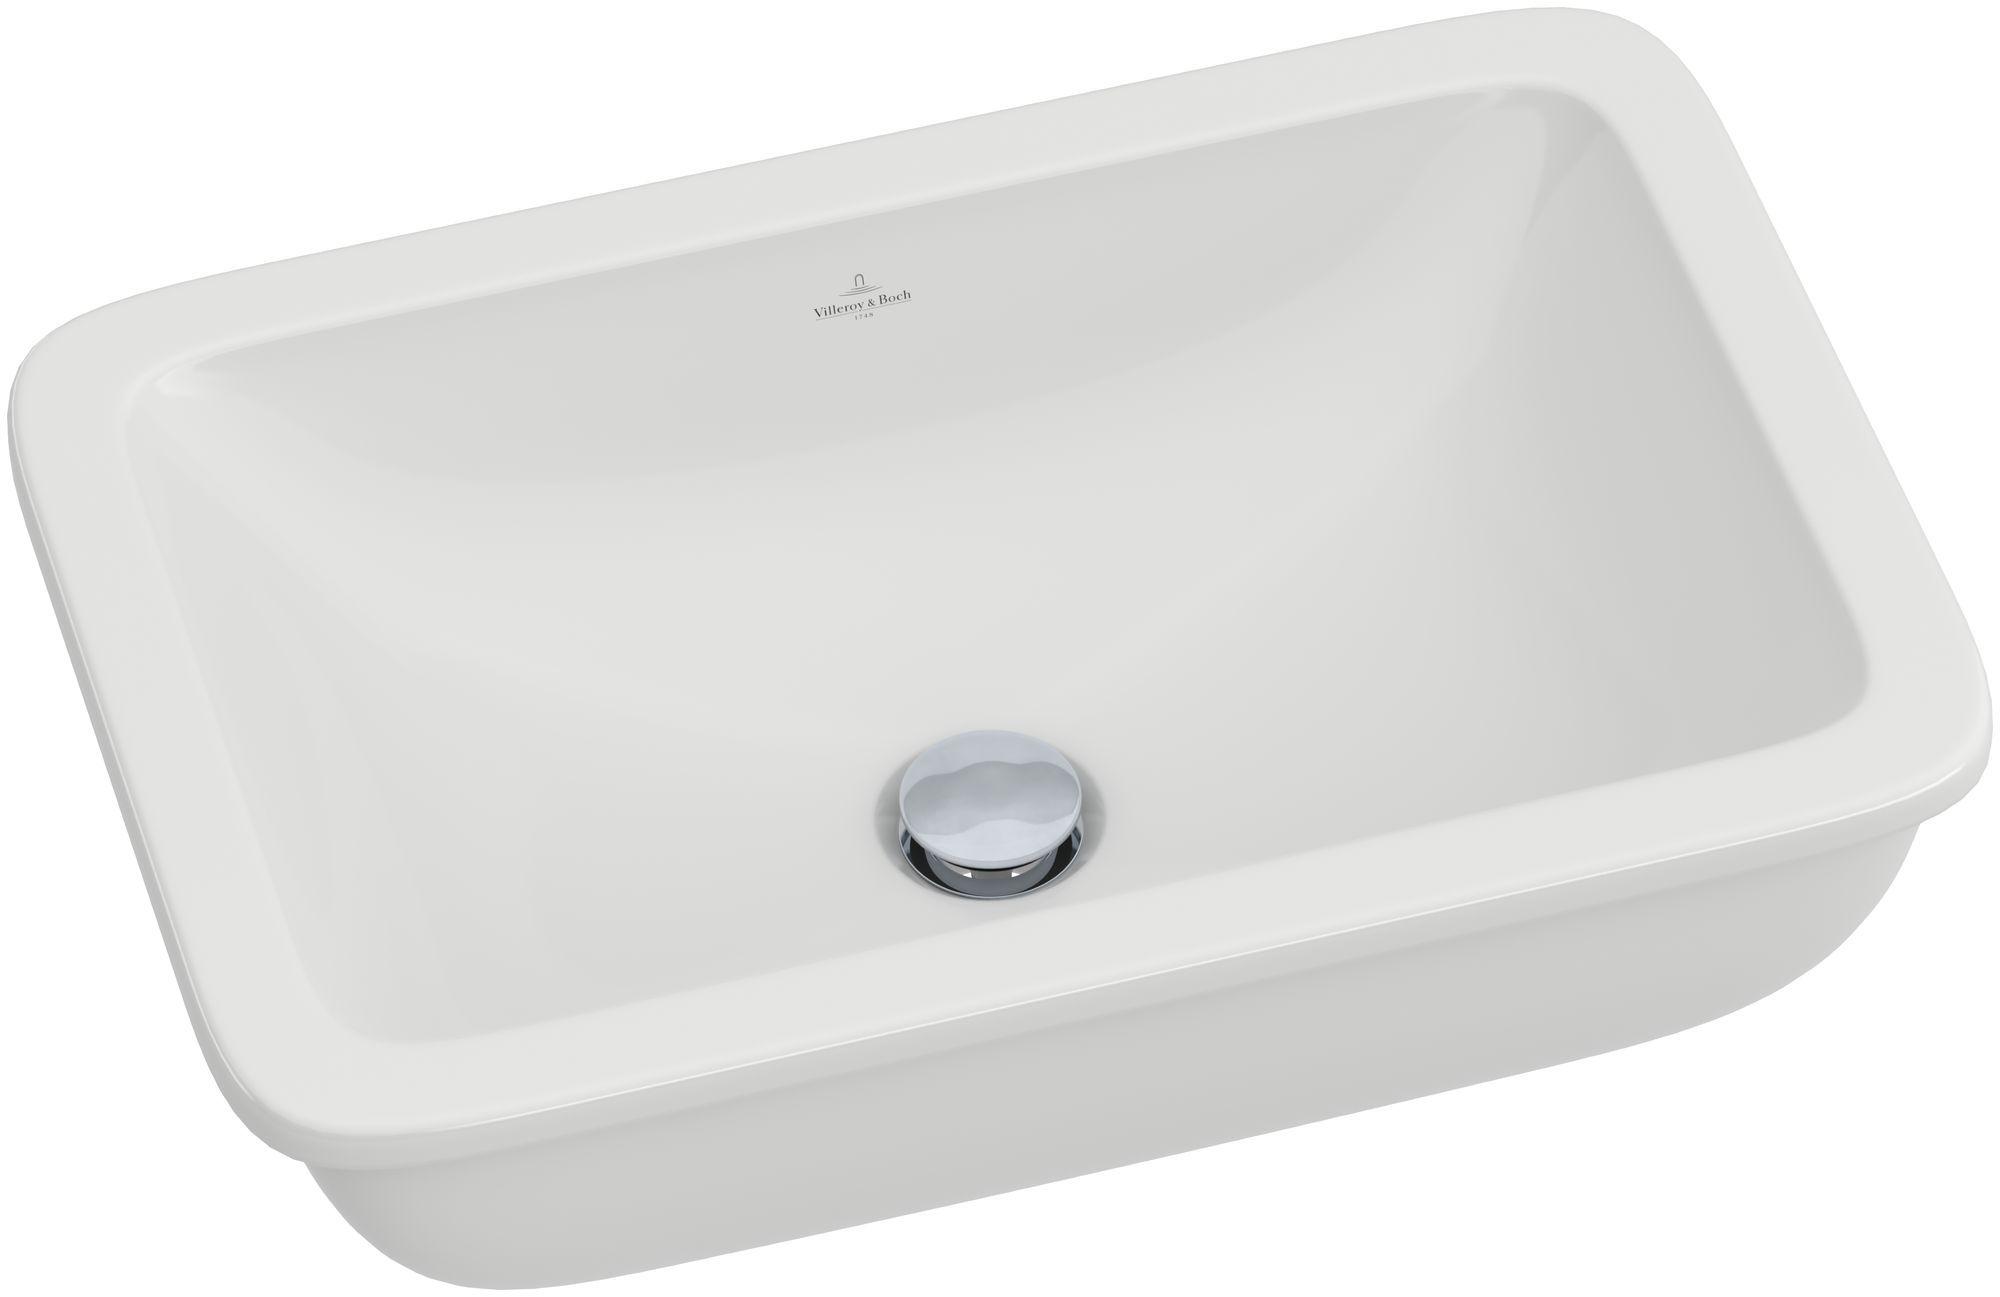 Villeroy & Boch Loop & Friends Unterbauwaschtisch B:54xT:34,5cm ohne Hahnloch ohne Überlauf weiß mit Ceramicplus 616301R1